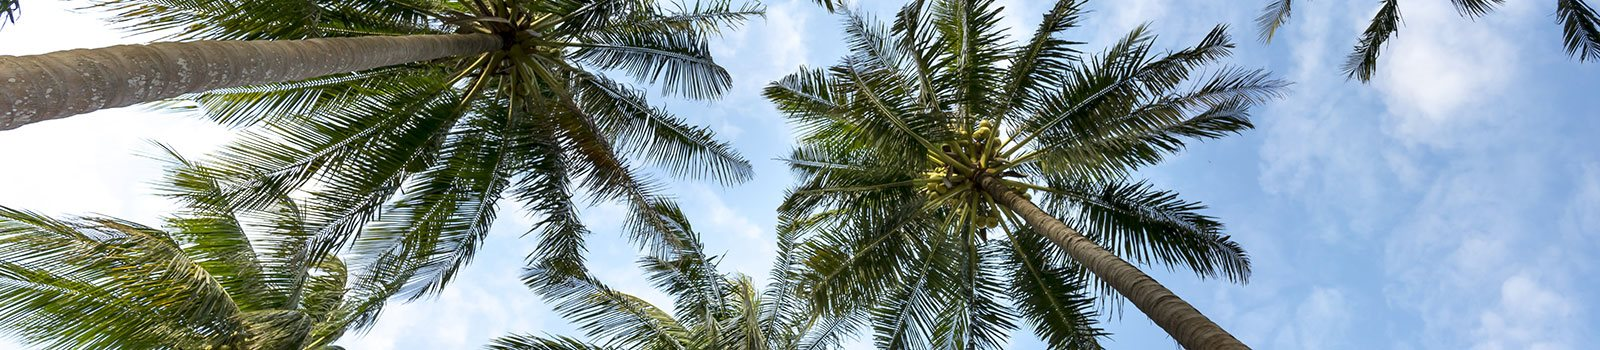 Palm trees-Santa Clara I Apartments Miami, FL